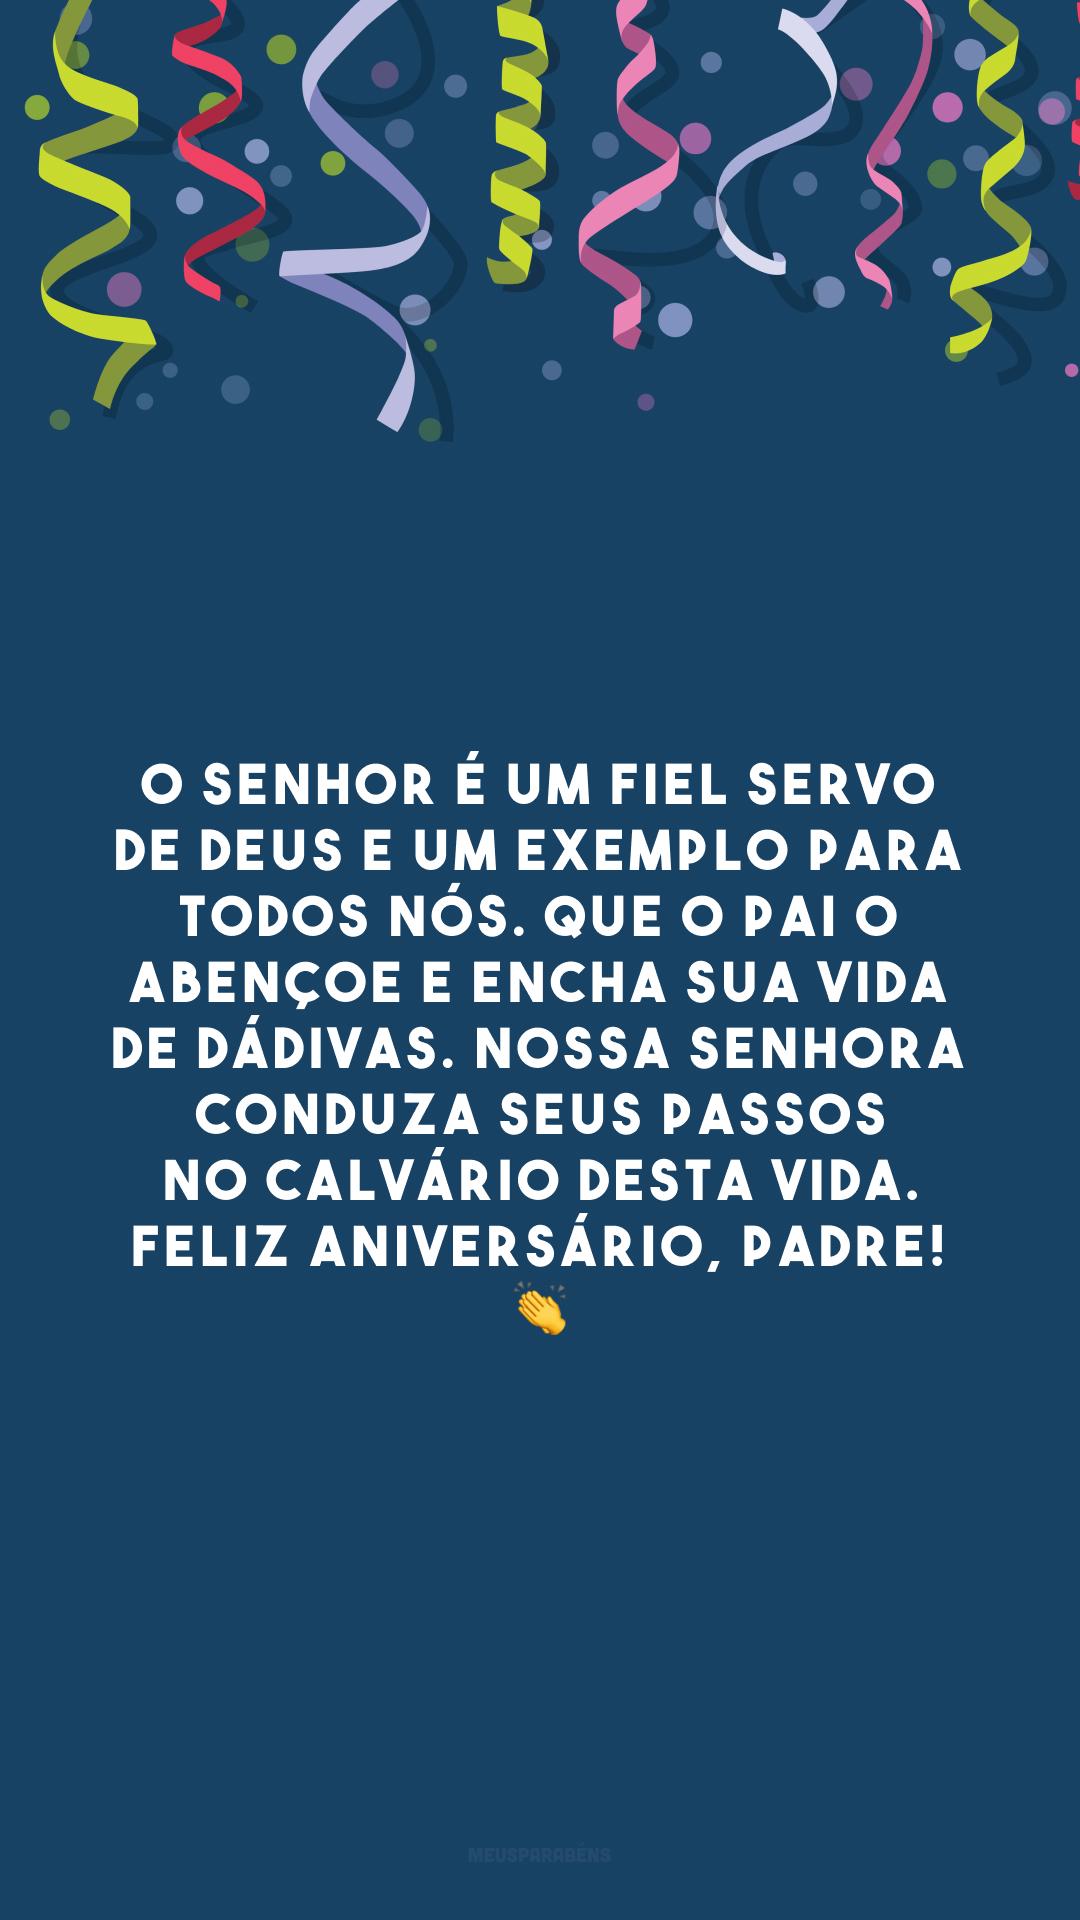 O senhor é um fiel servo de Deus e um exemplo para todos nós. Que o Pai o abençoe e encha sua vida de dádivas. Nossa Senhora conduza seus passos no calvário desta vida. Feliz aniversário, padre! 👏